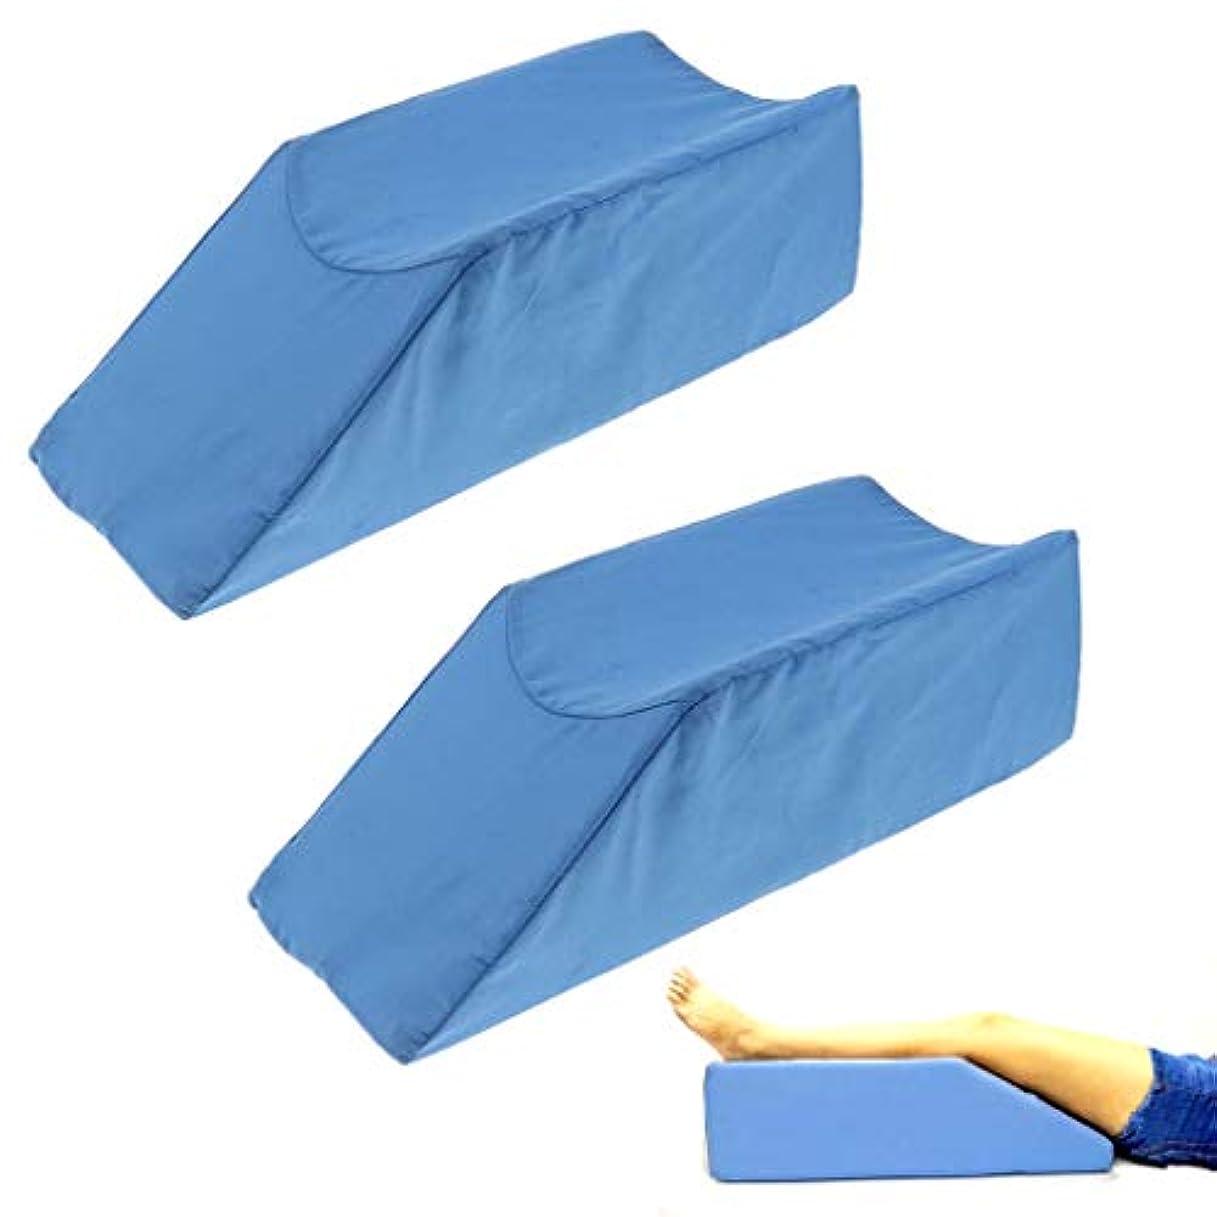 グラムベットセージ膝足脚昇降スプリント-脚昇降枕-妊娠、腰痛、坐骨神経痛のためのウェッジエレベーターサポートクッション(2パック)